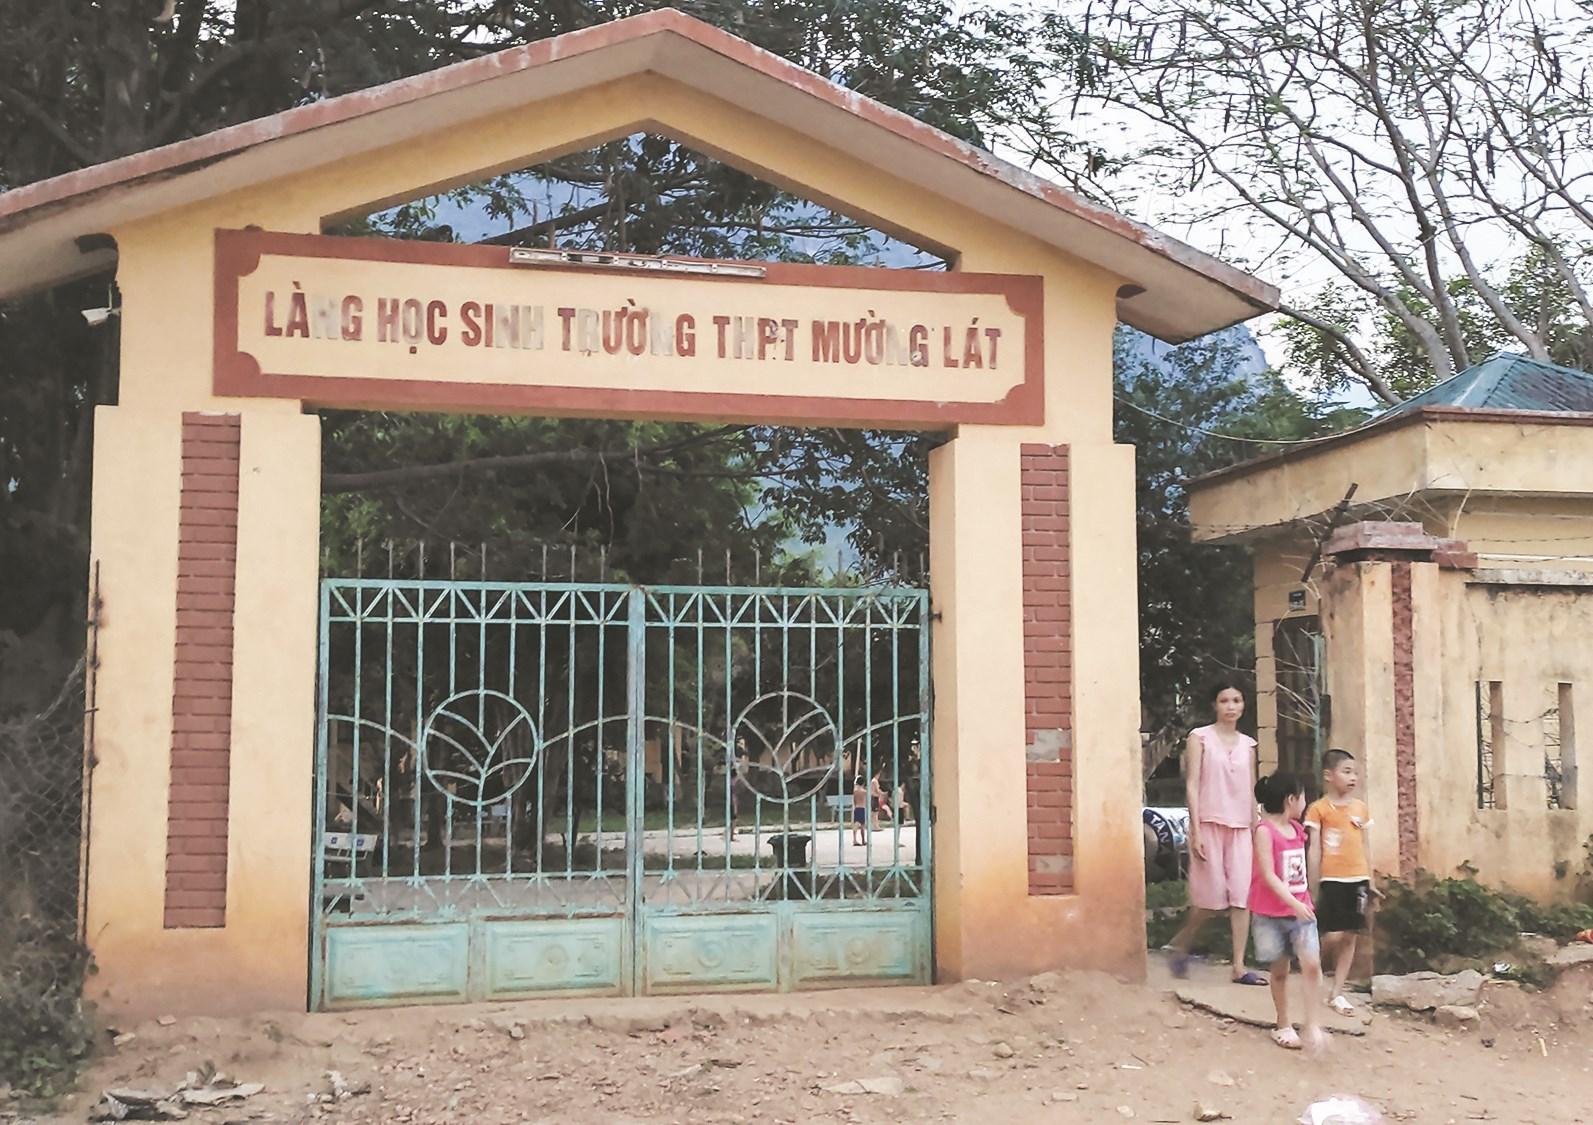 Làng học sinh Trường THPT Mường Lát- Thanh Hóa.